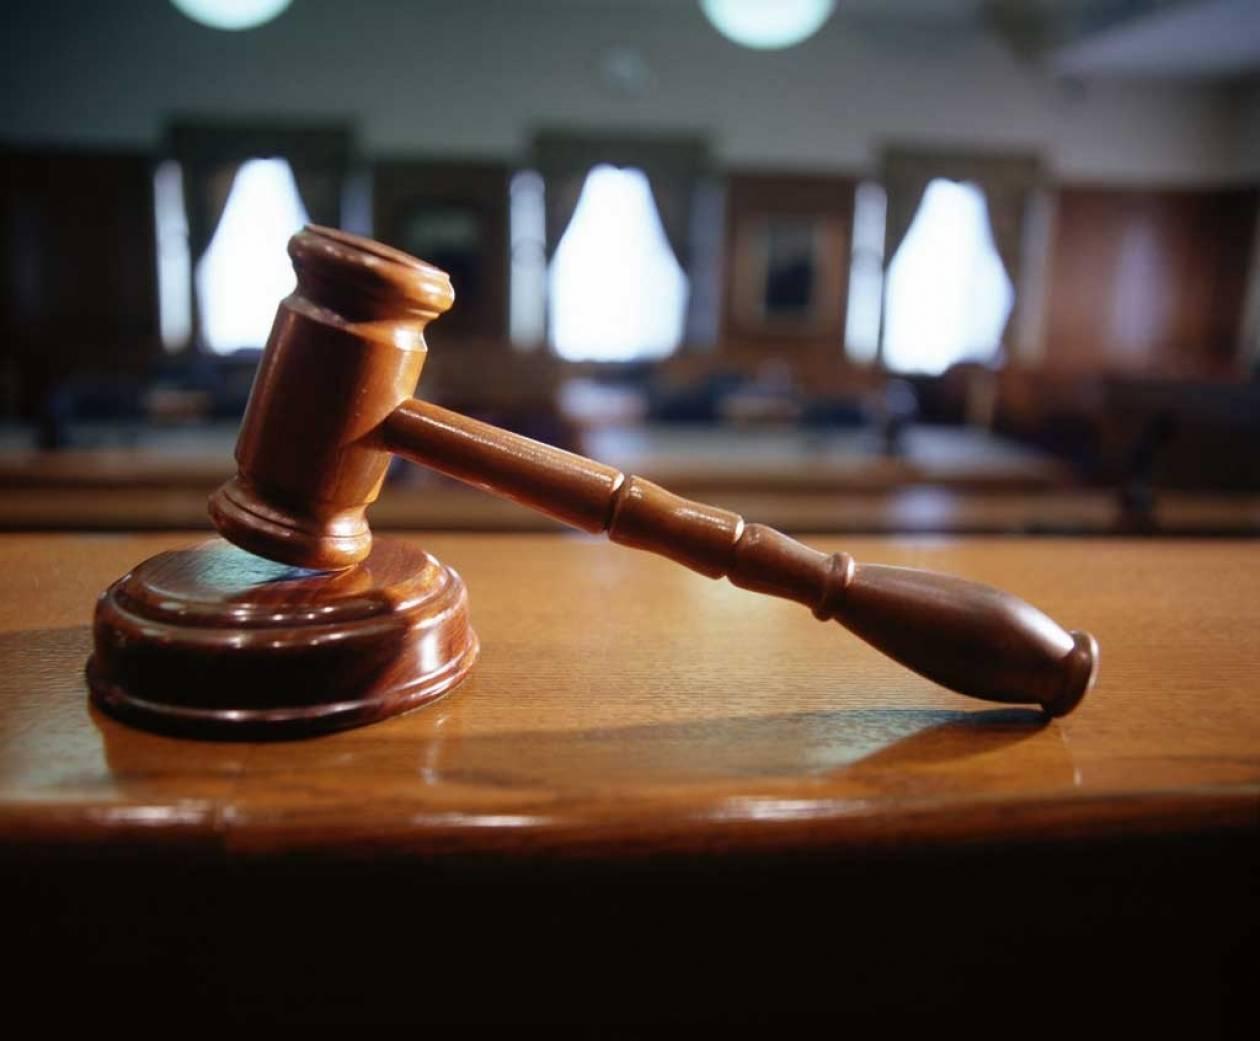 Συνεχίζεται ο «πόλεμος» μεταξύ δικαστών